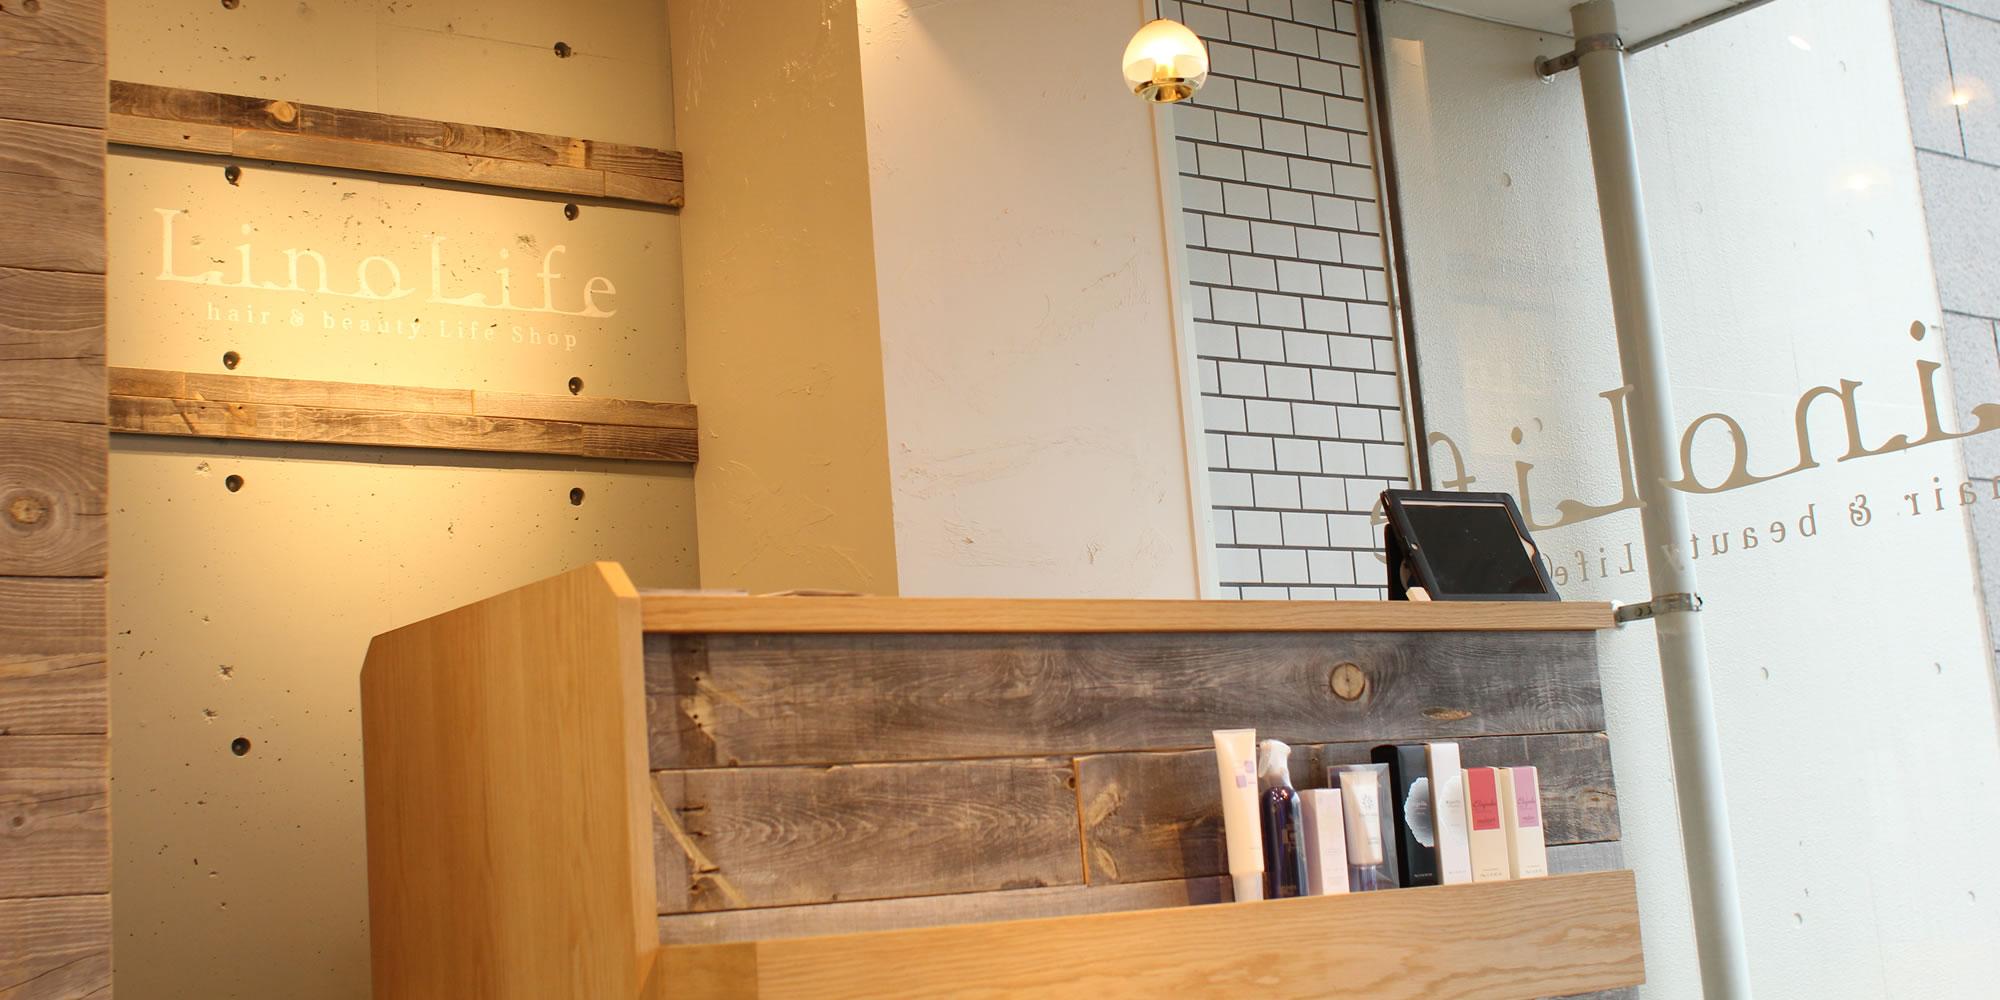 福岡県古賀市の美容室|Lino Life(リノライフ)